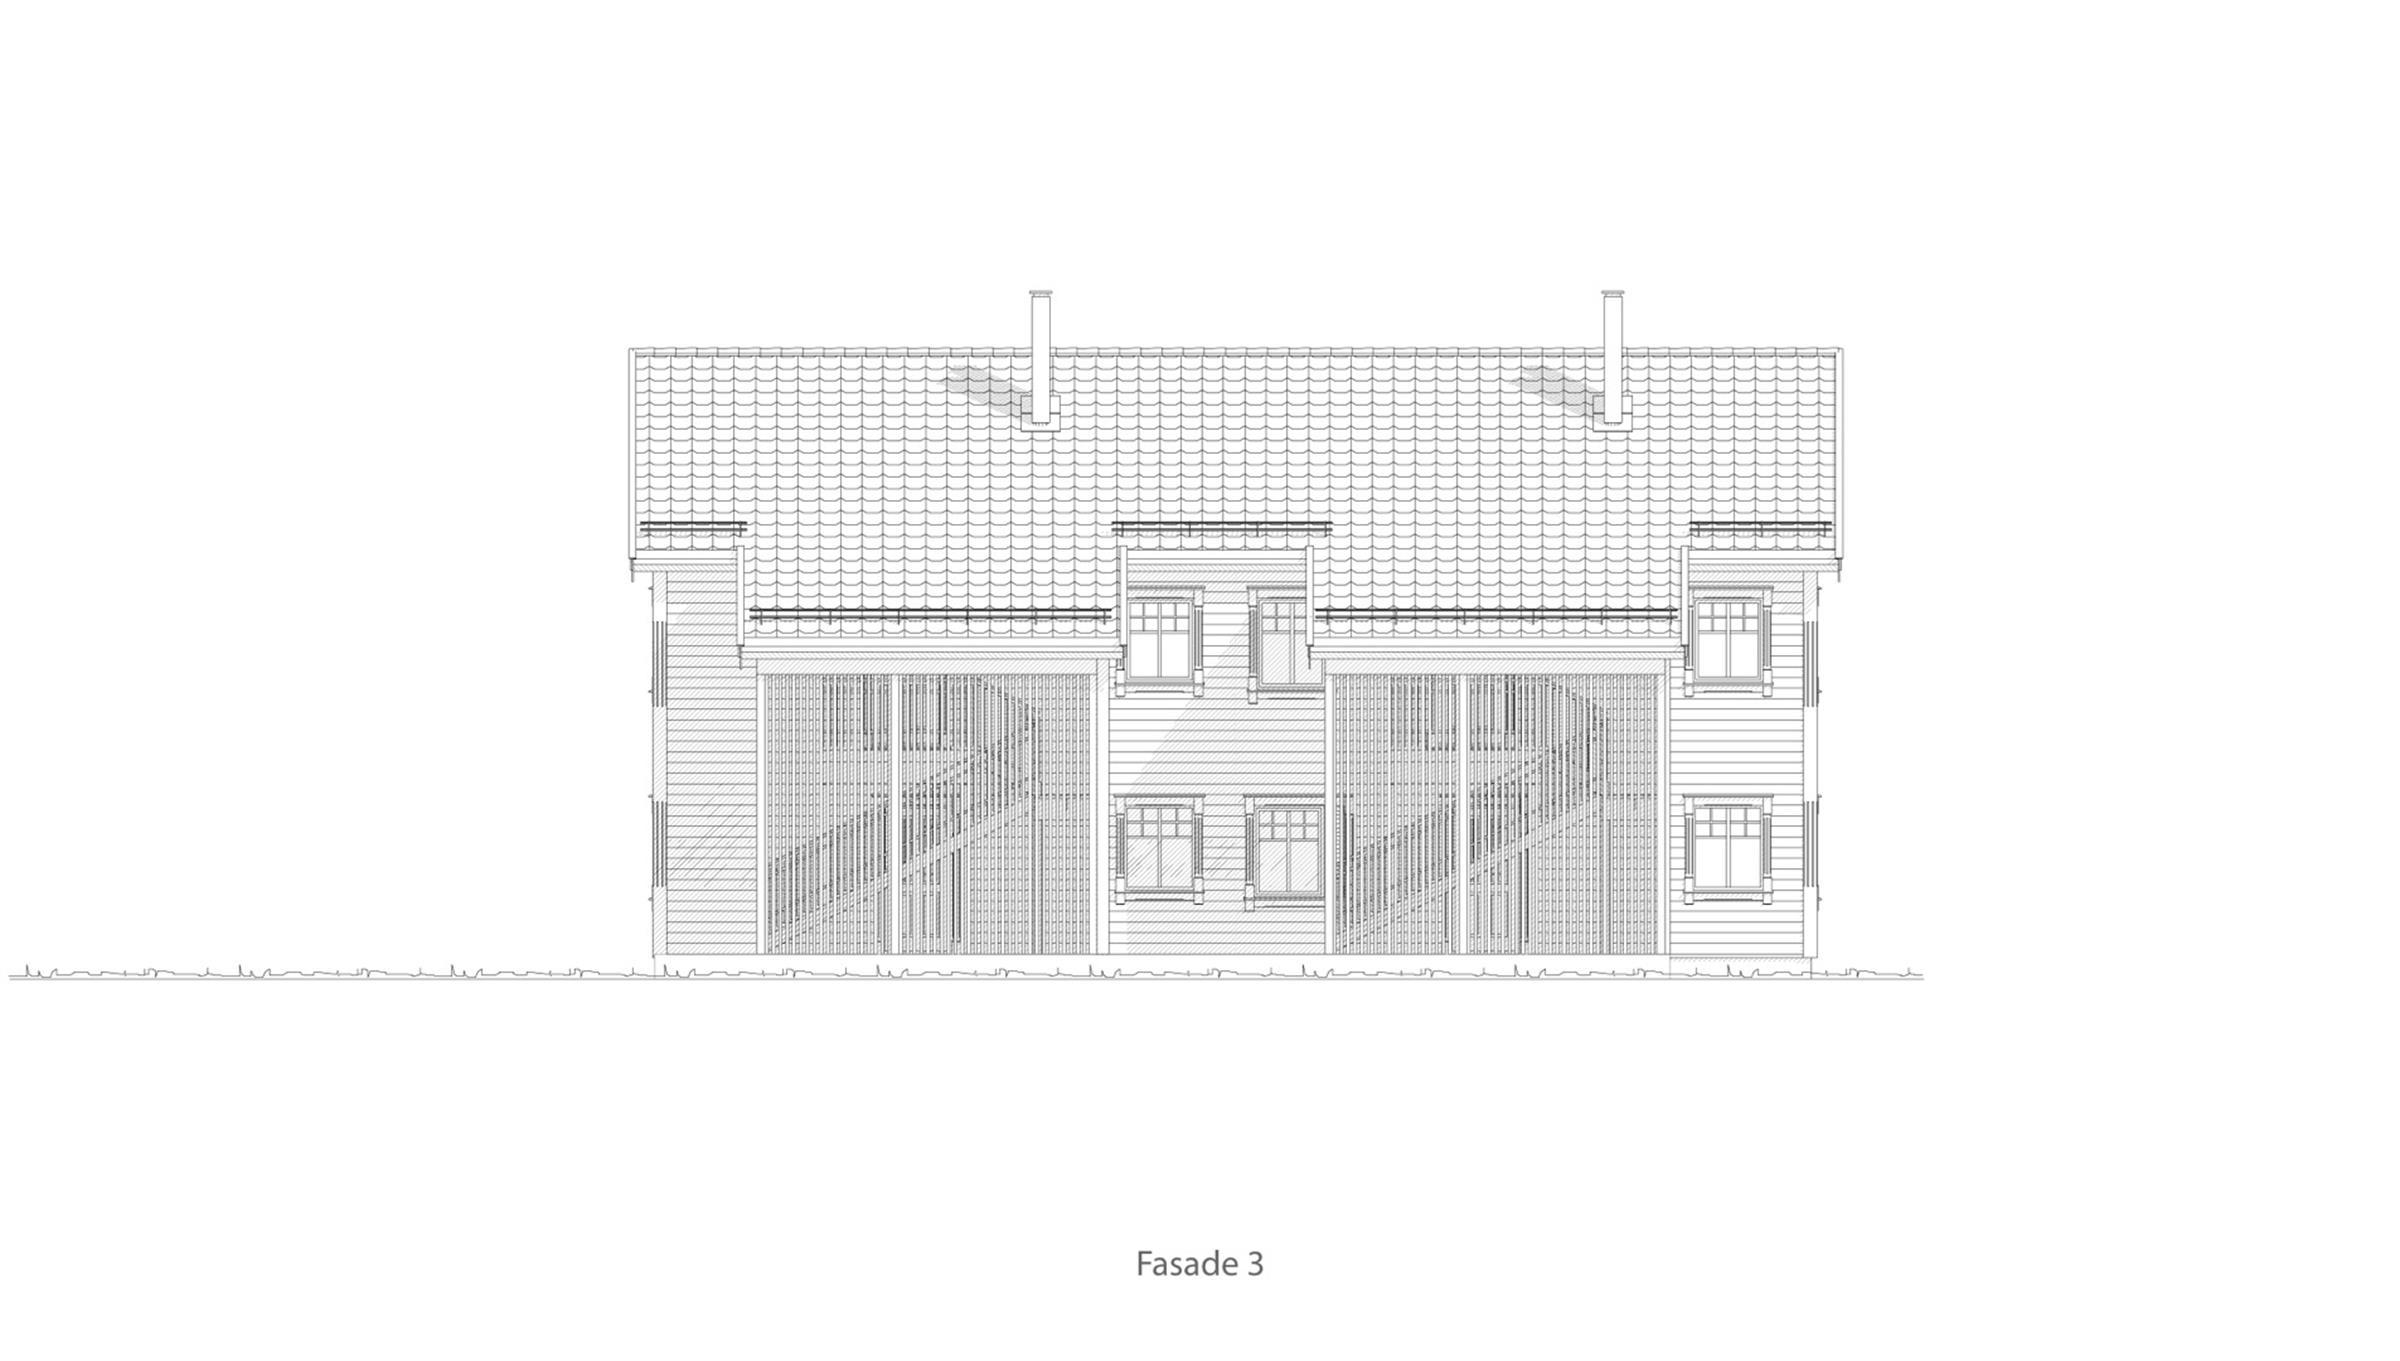 Orkanger fasade 3